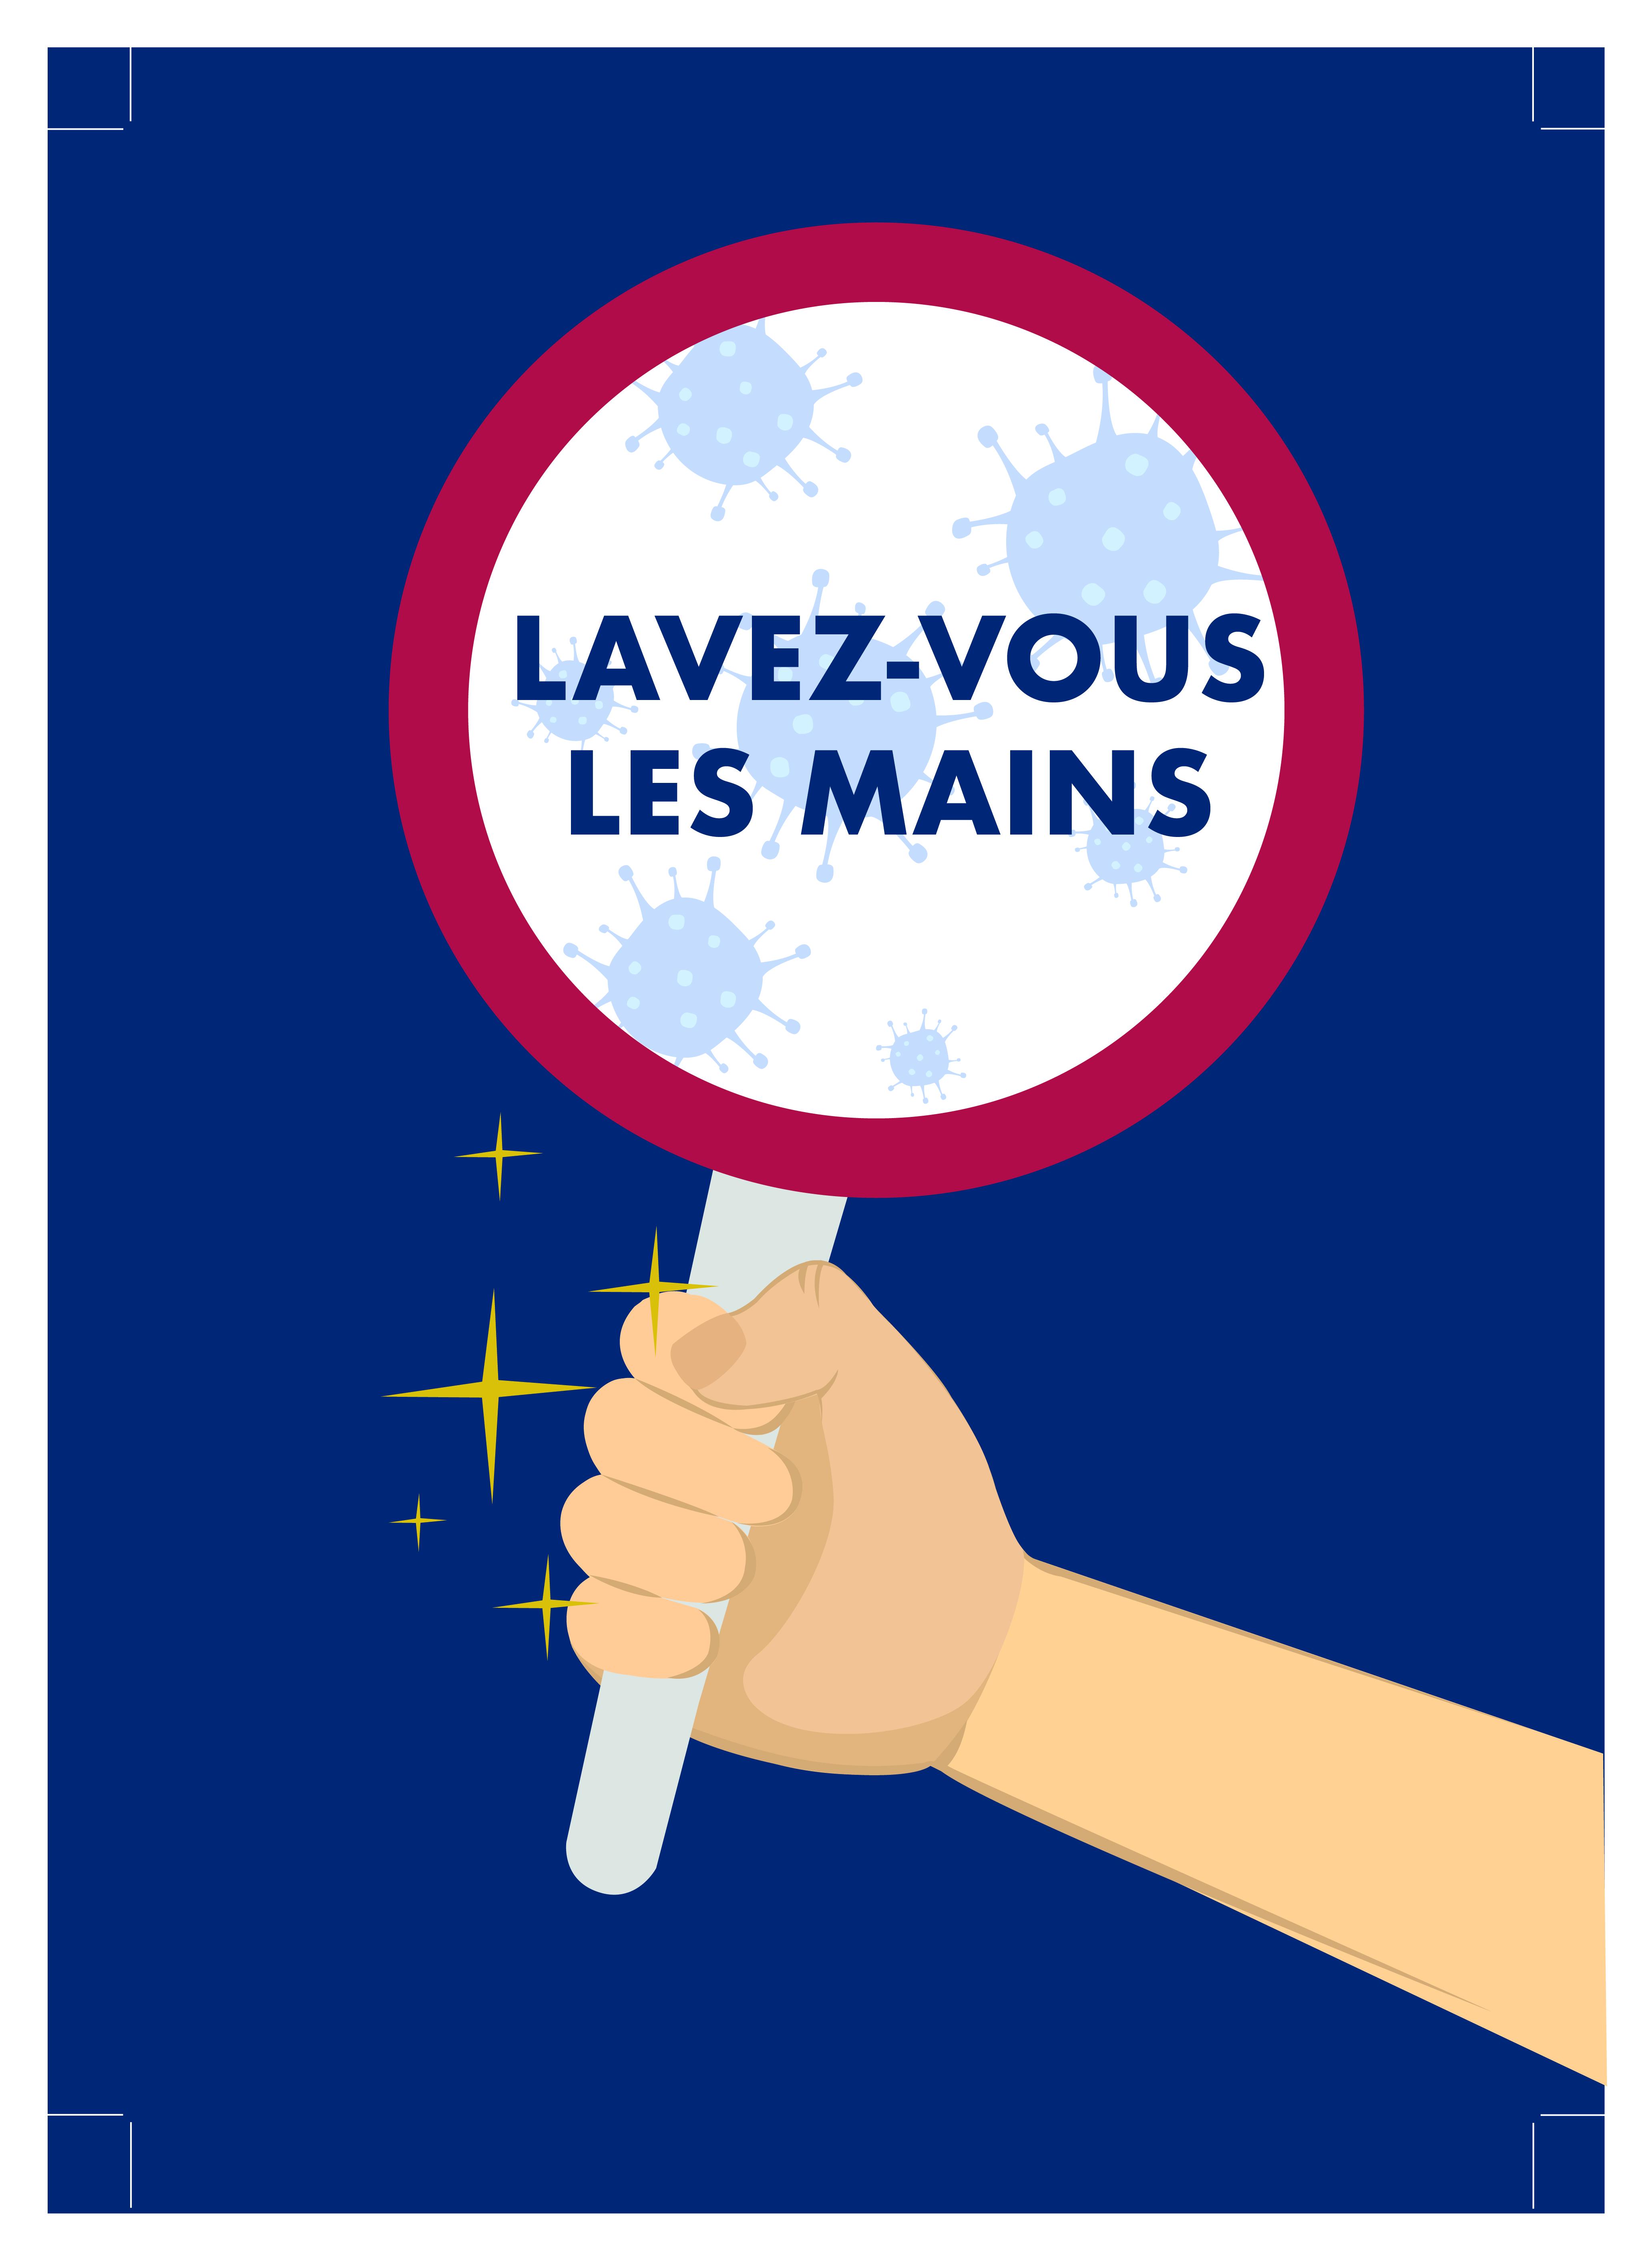 Poster Lavez vous les mains 01